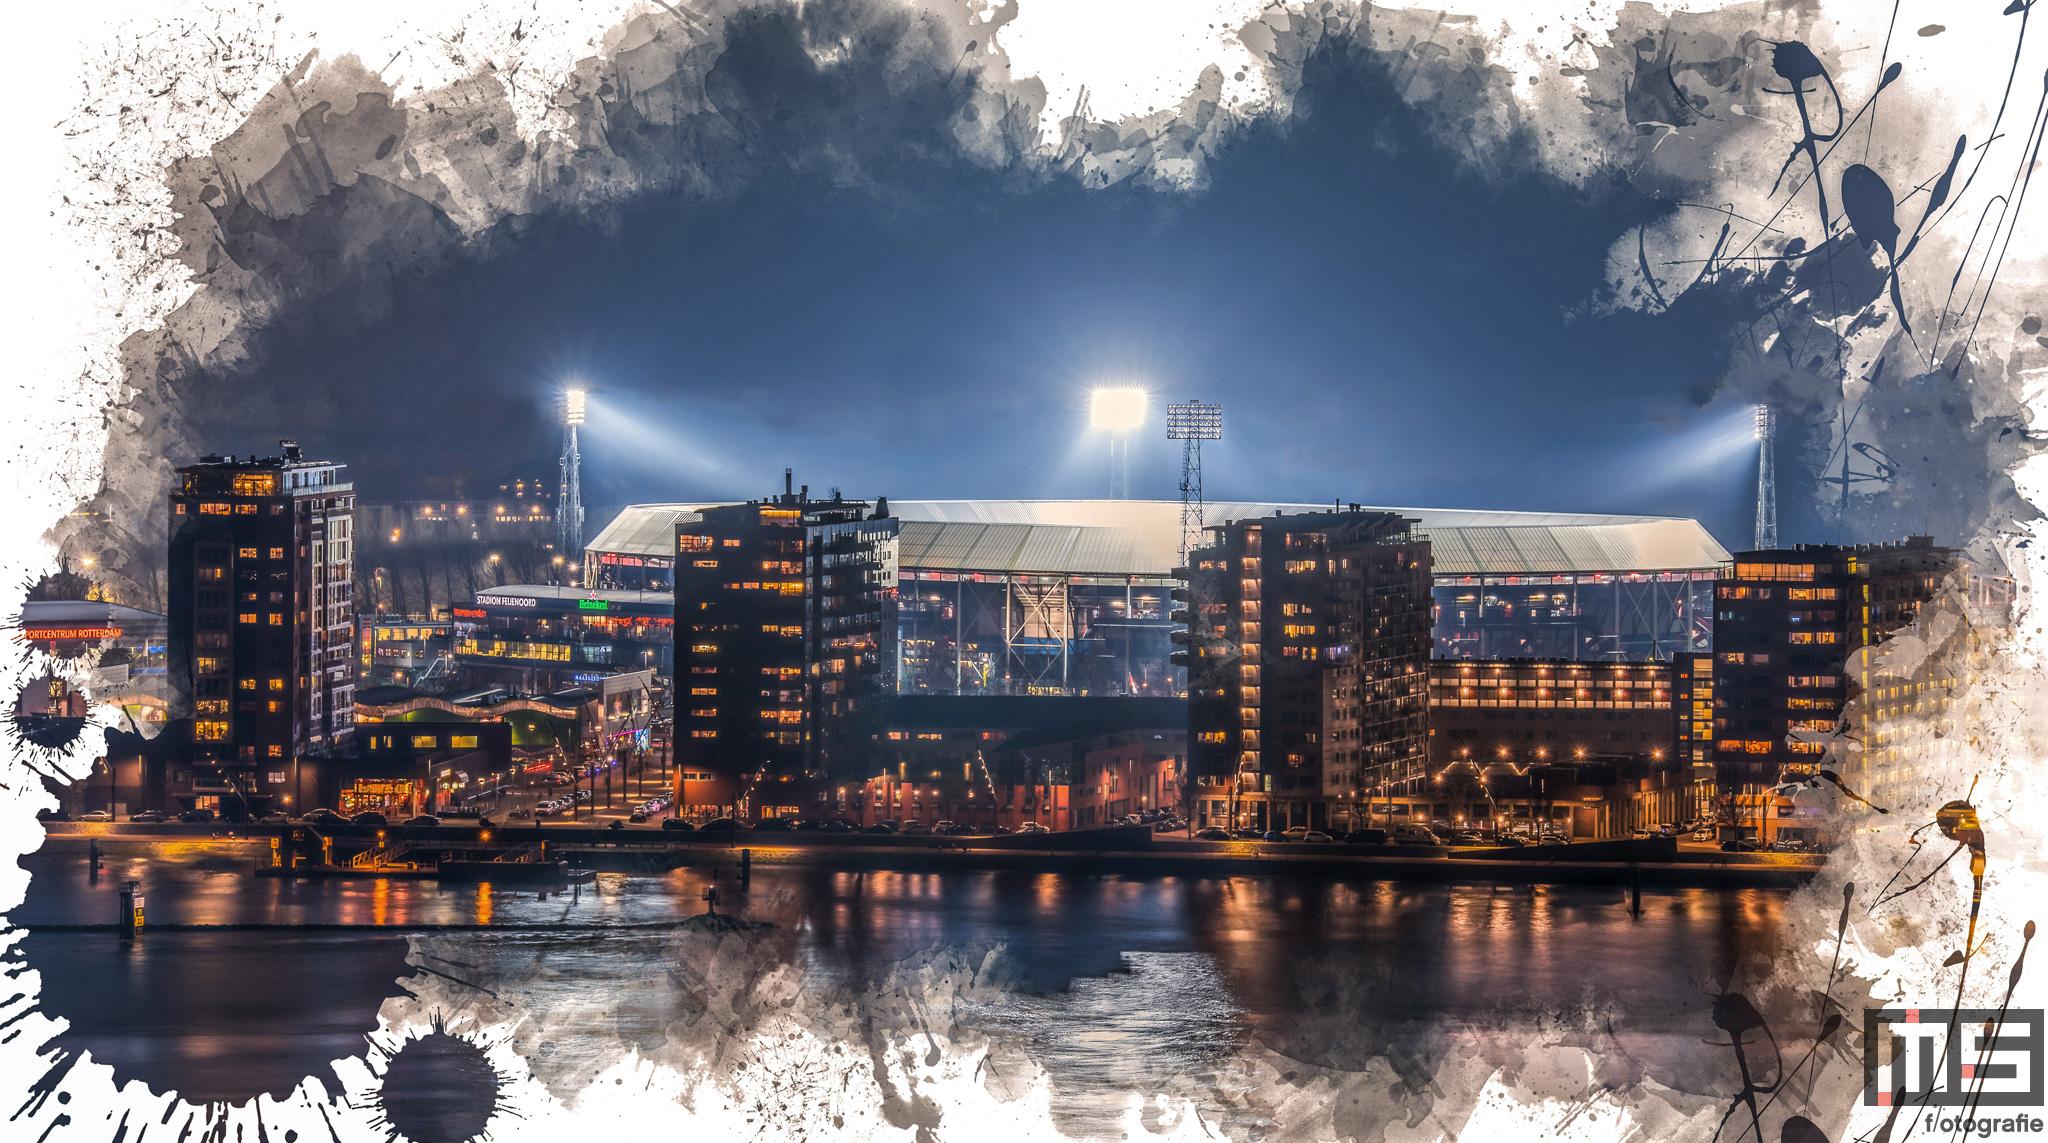 Te Koop   Een Feyenoord Art Stadion De Kuip in Rotterdam luchtfoto tijdens een speelavond